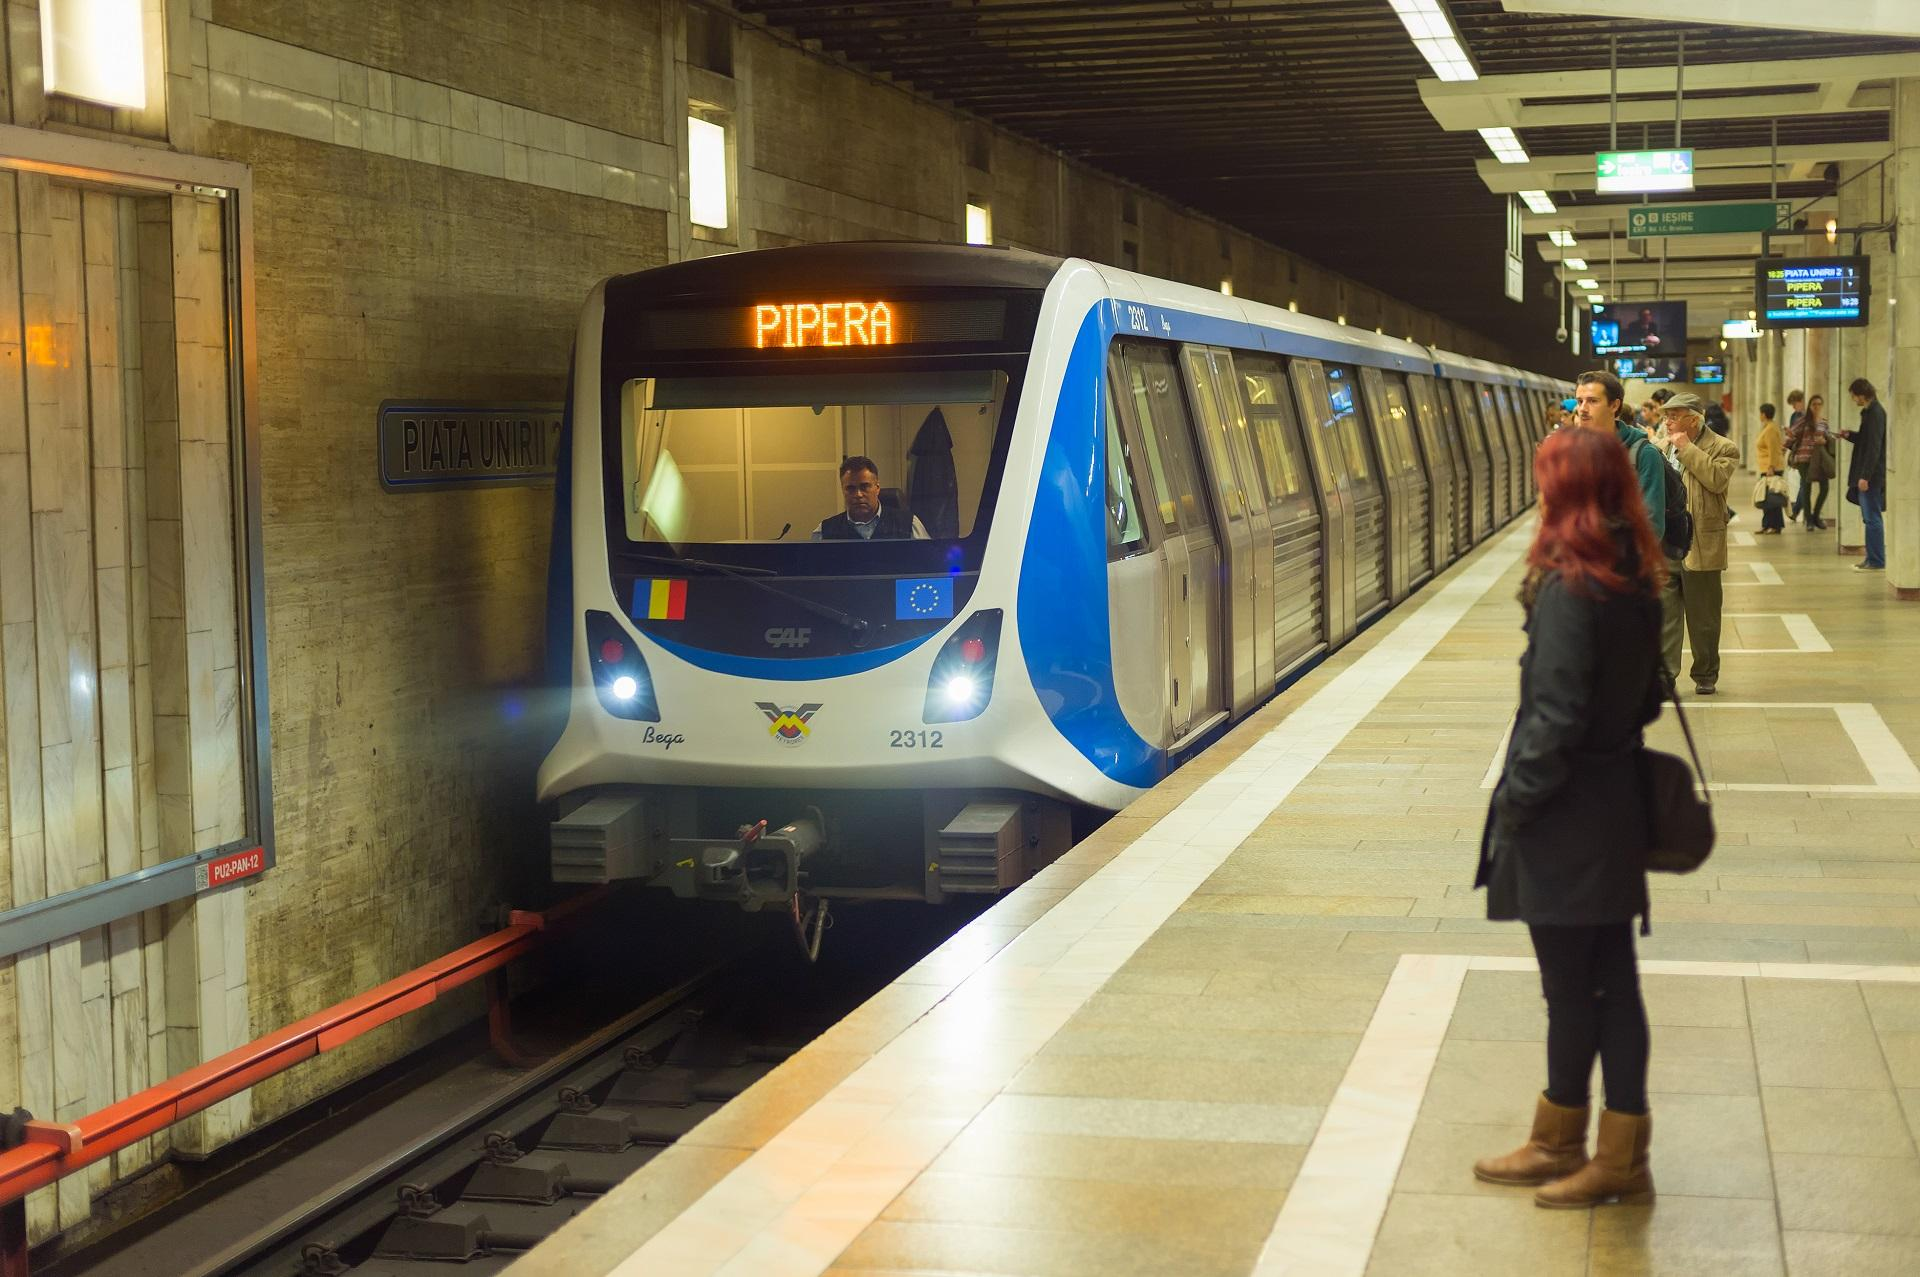 Probleme la metrou, se circulă în sistem pendulă pe Magistrala 1 după ce o femeie și-a pierdut conștiența